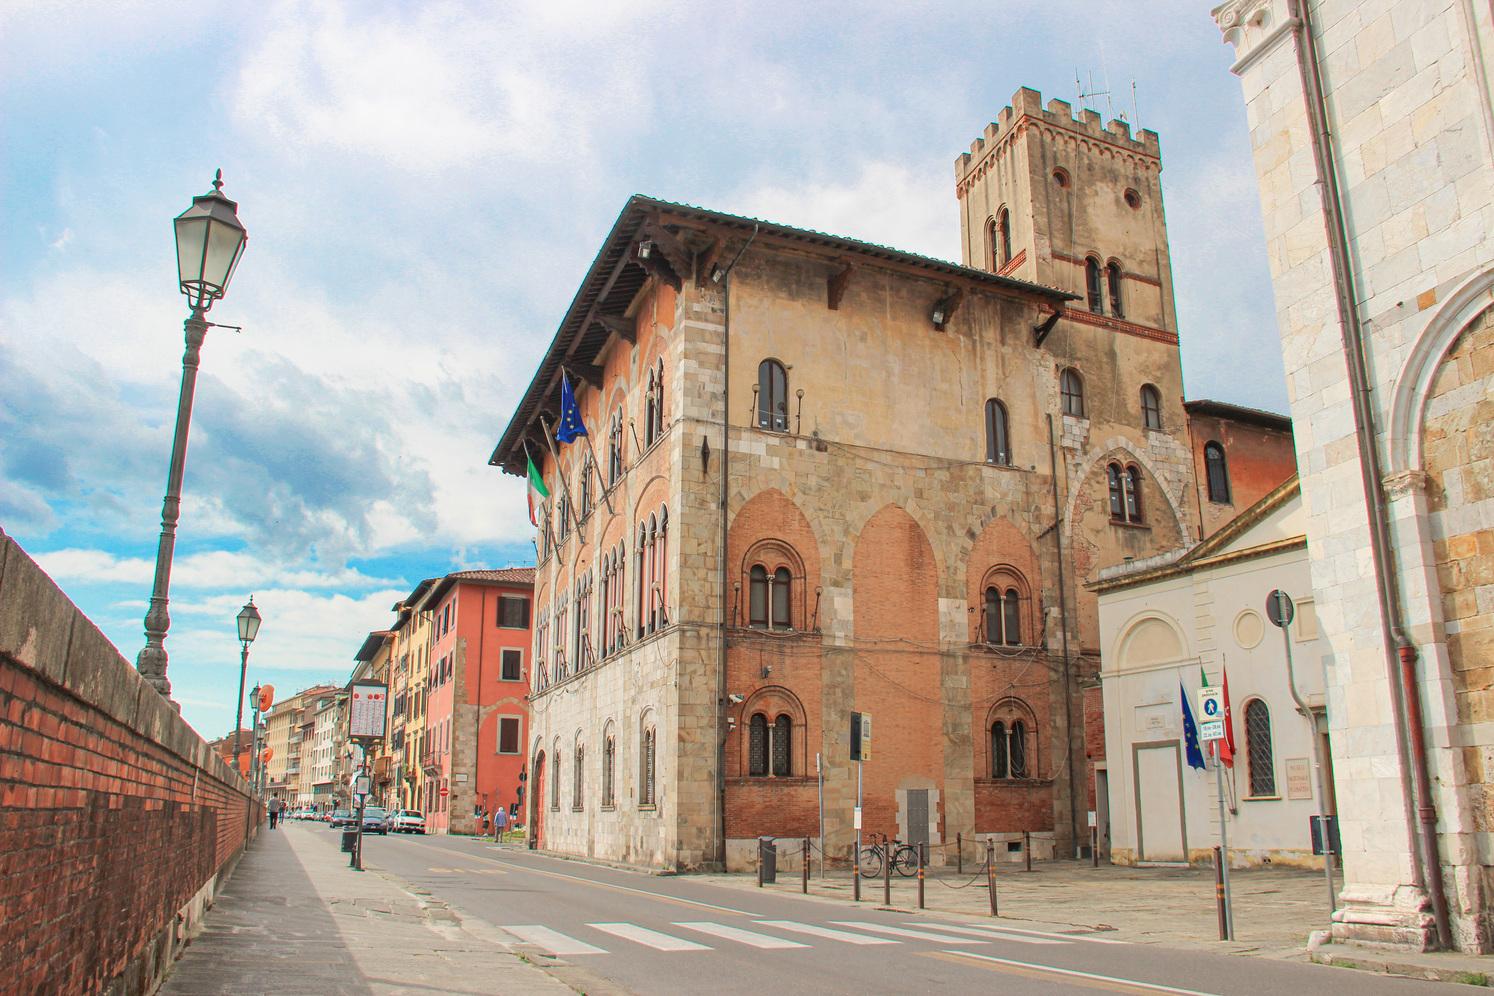 Ristrutturazione neo gotica - Palazzo Vecchio de' Medici, Prefettura (G. Bettini, Comune di Pisa)